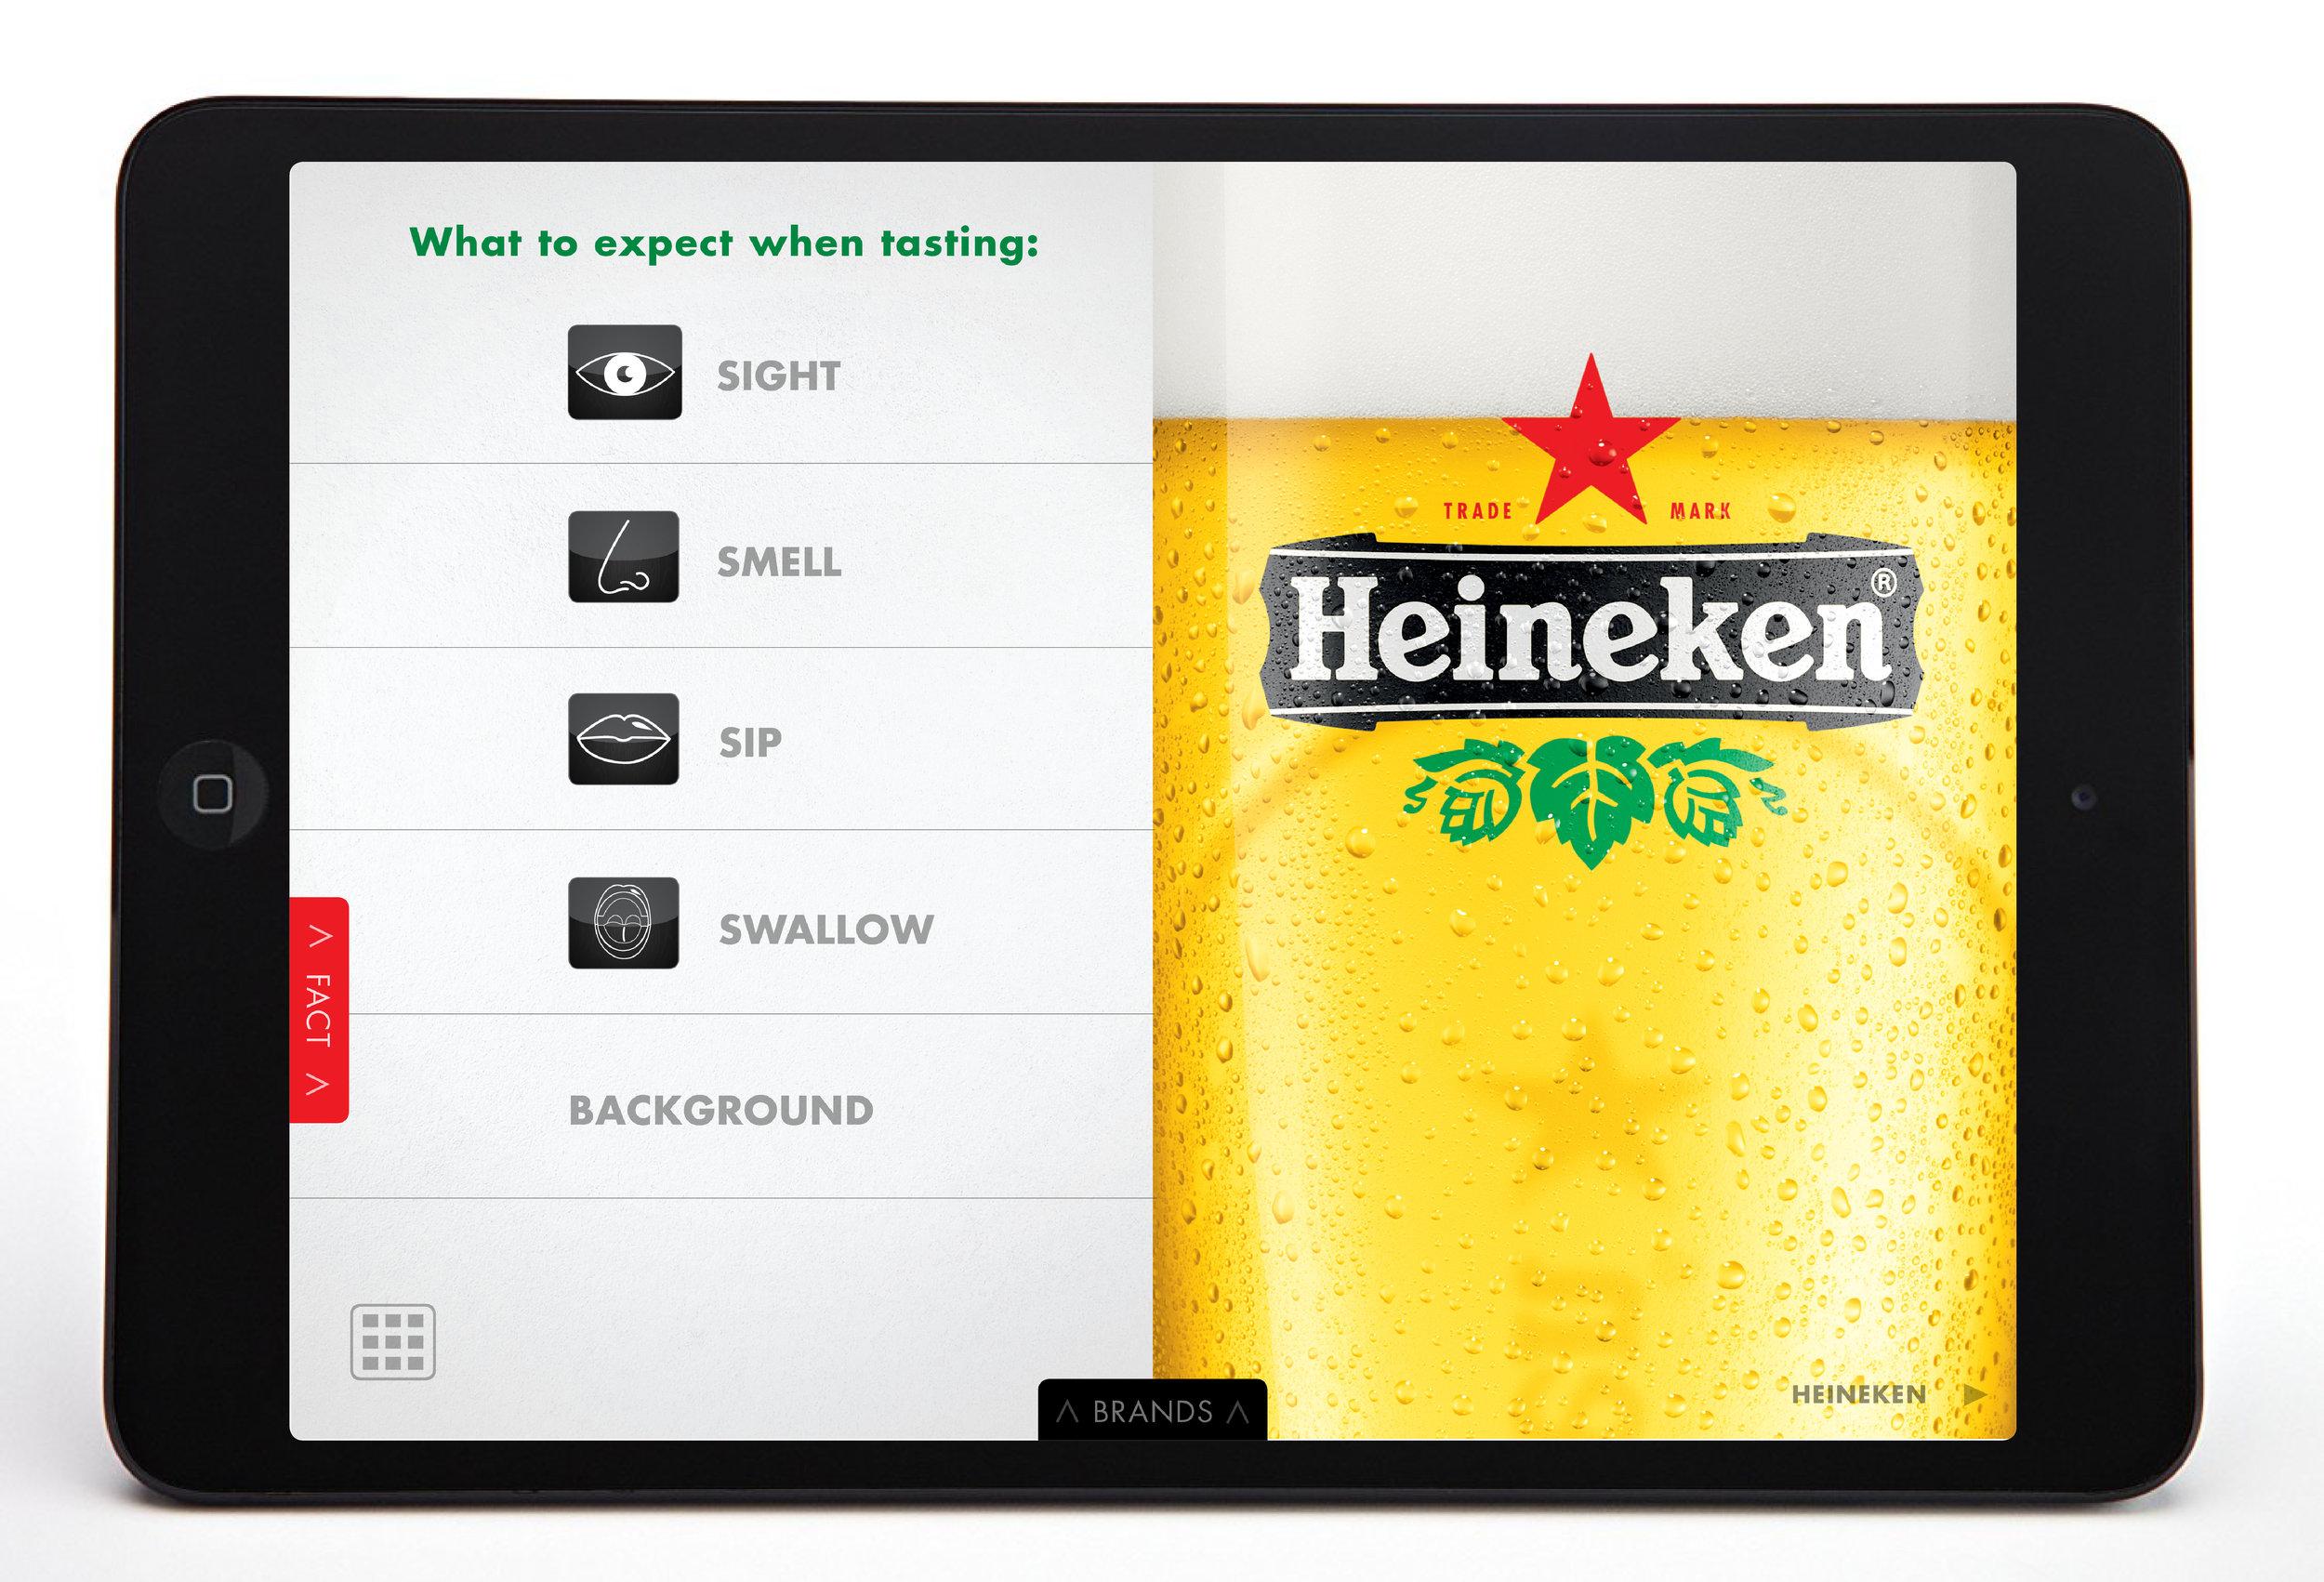 Heineken-food&beer pairing-interactive book31.jpg